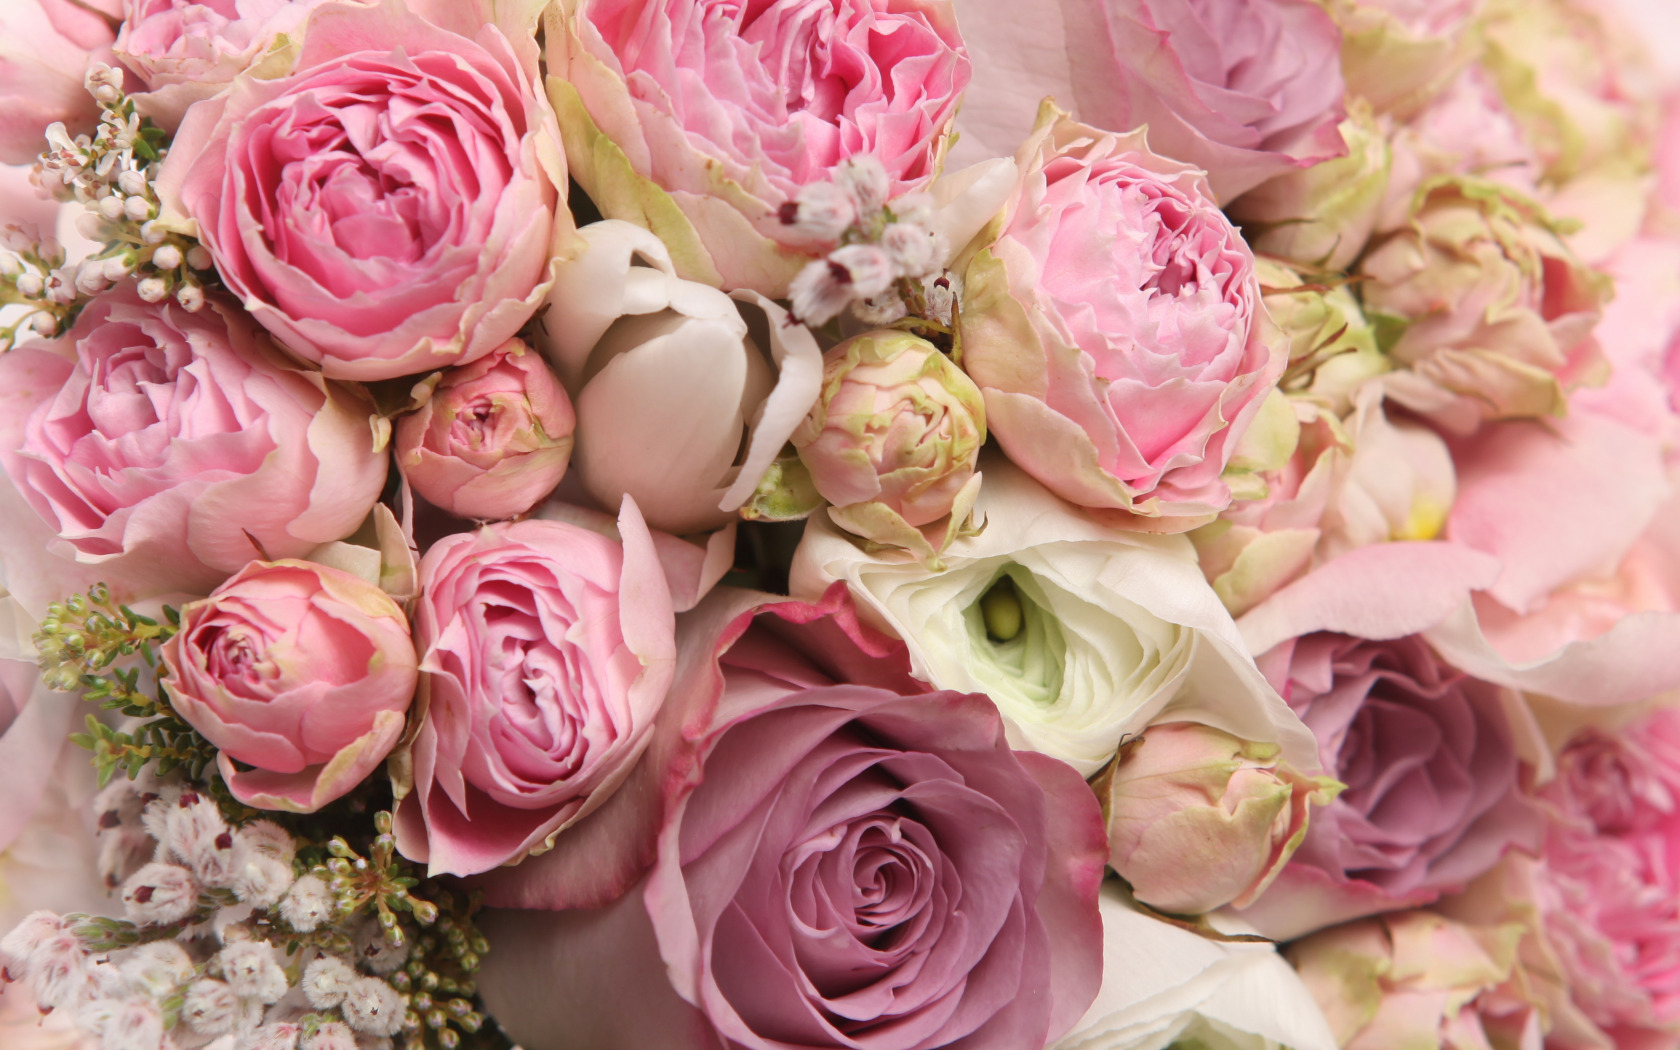 Заказ своими, открытка с днем рождения женщине пионовидные розы с пожеланиями